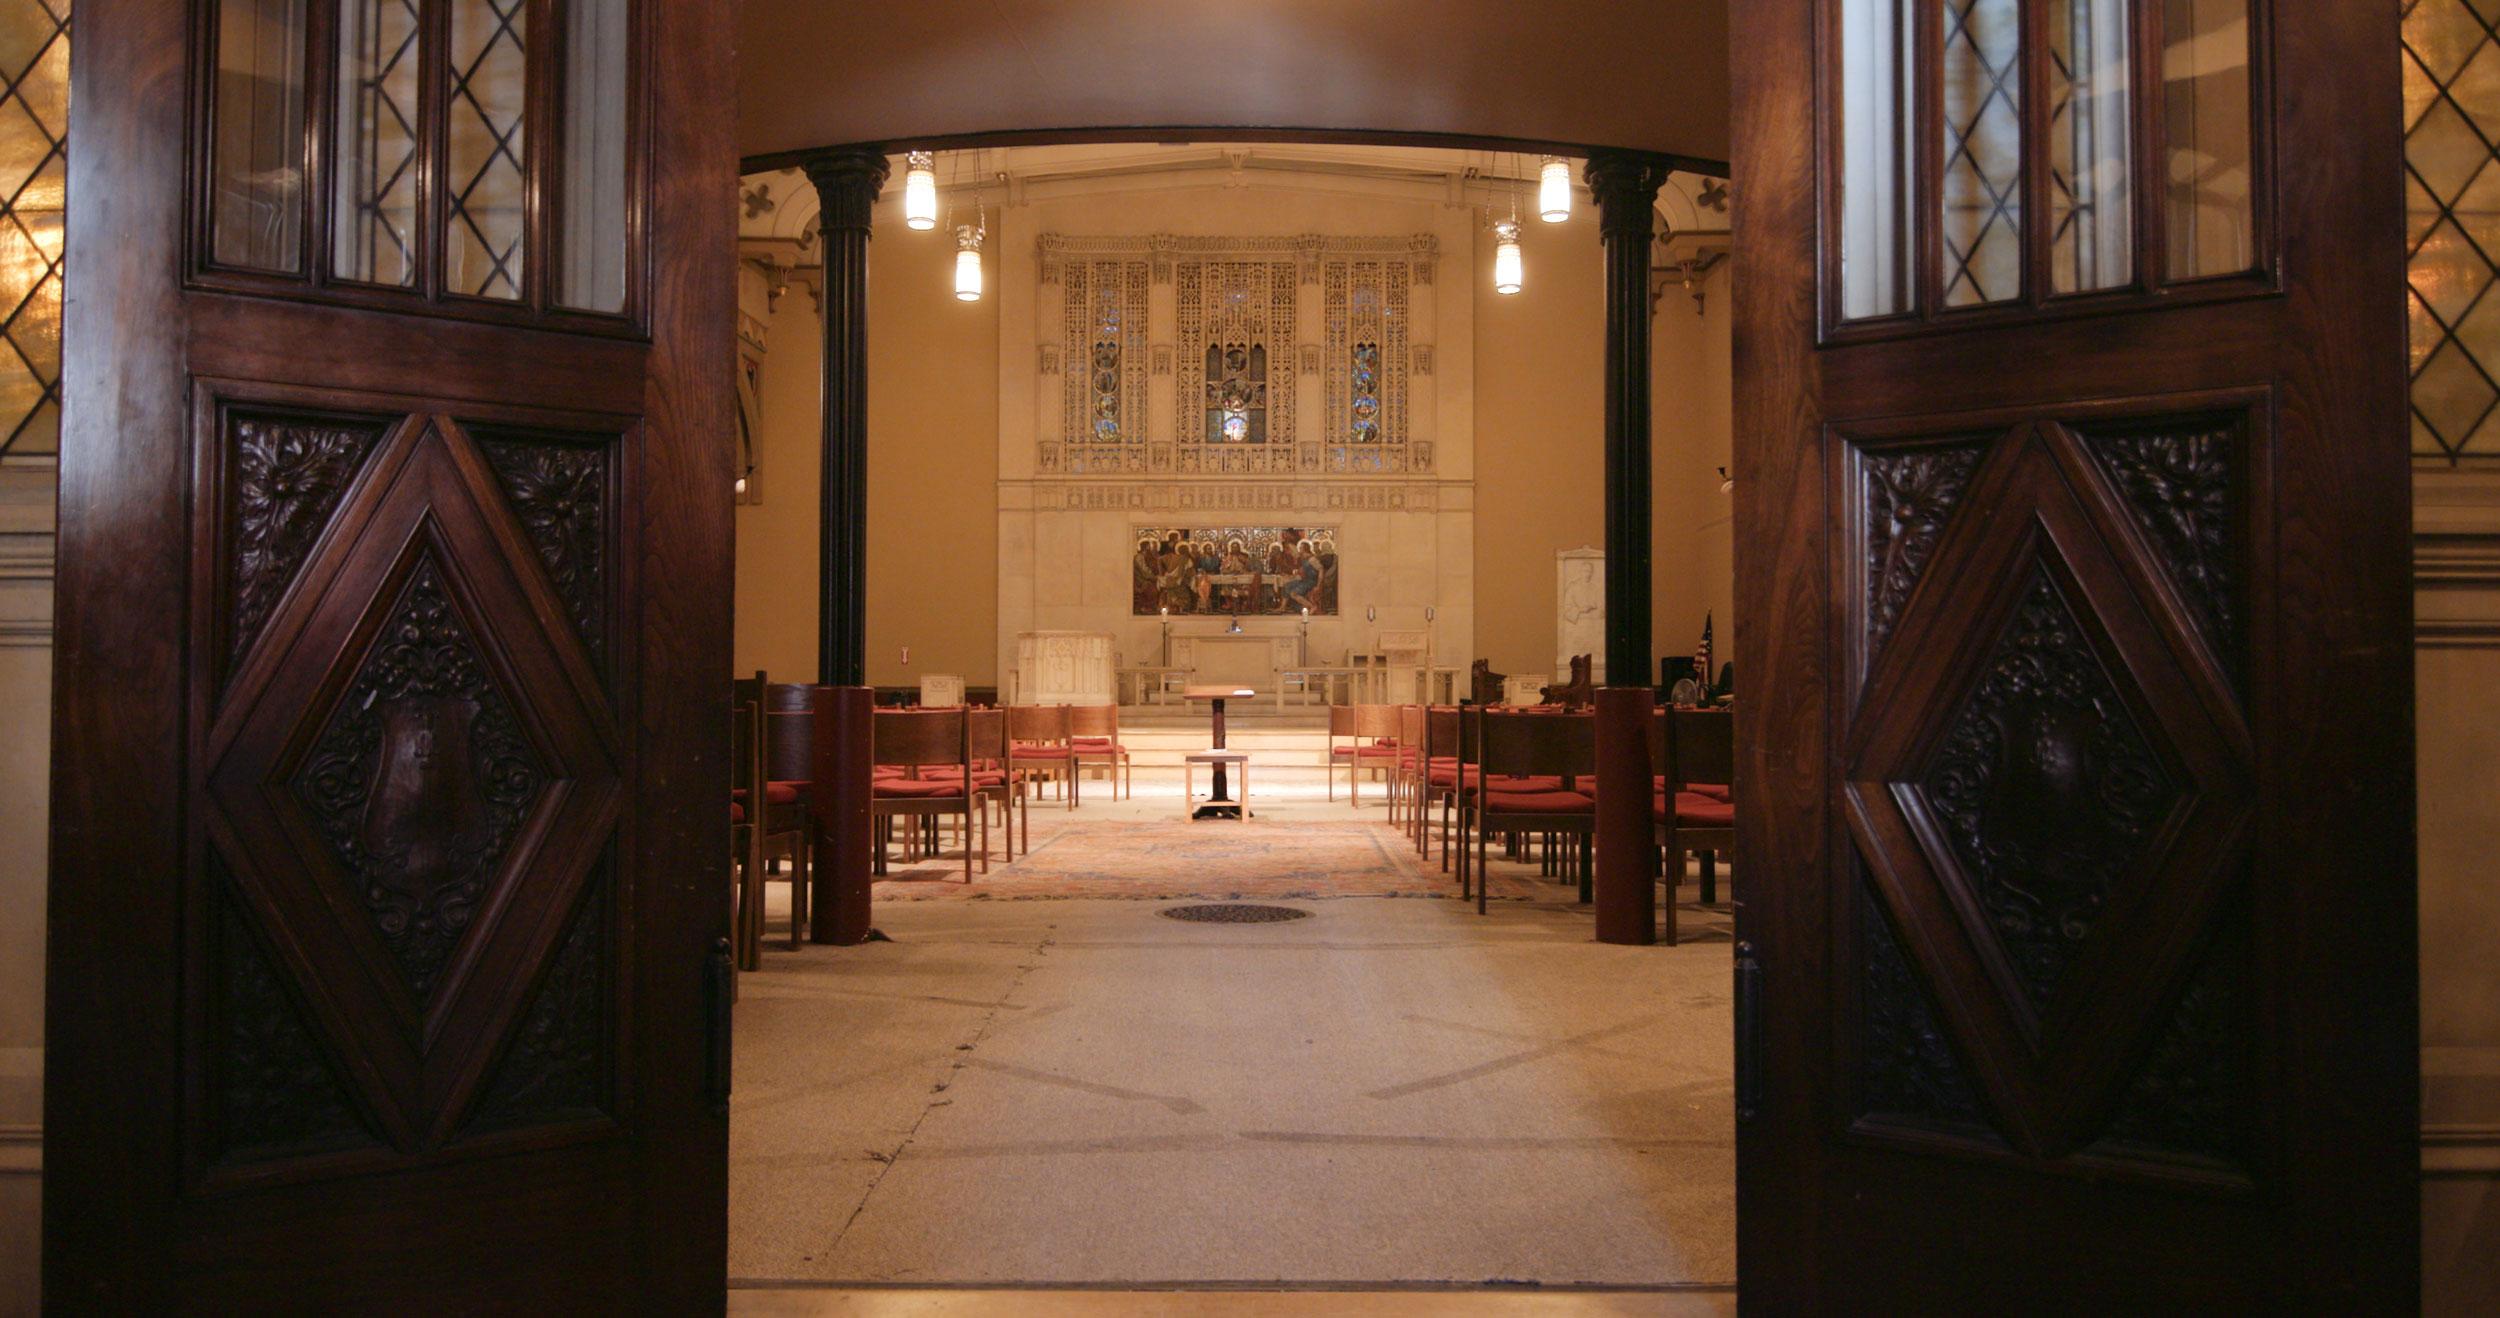 St.-Stephens-Still-1.jpg